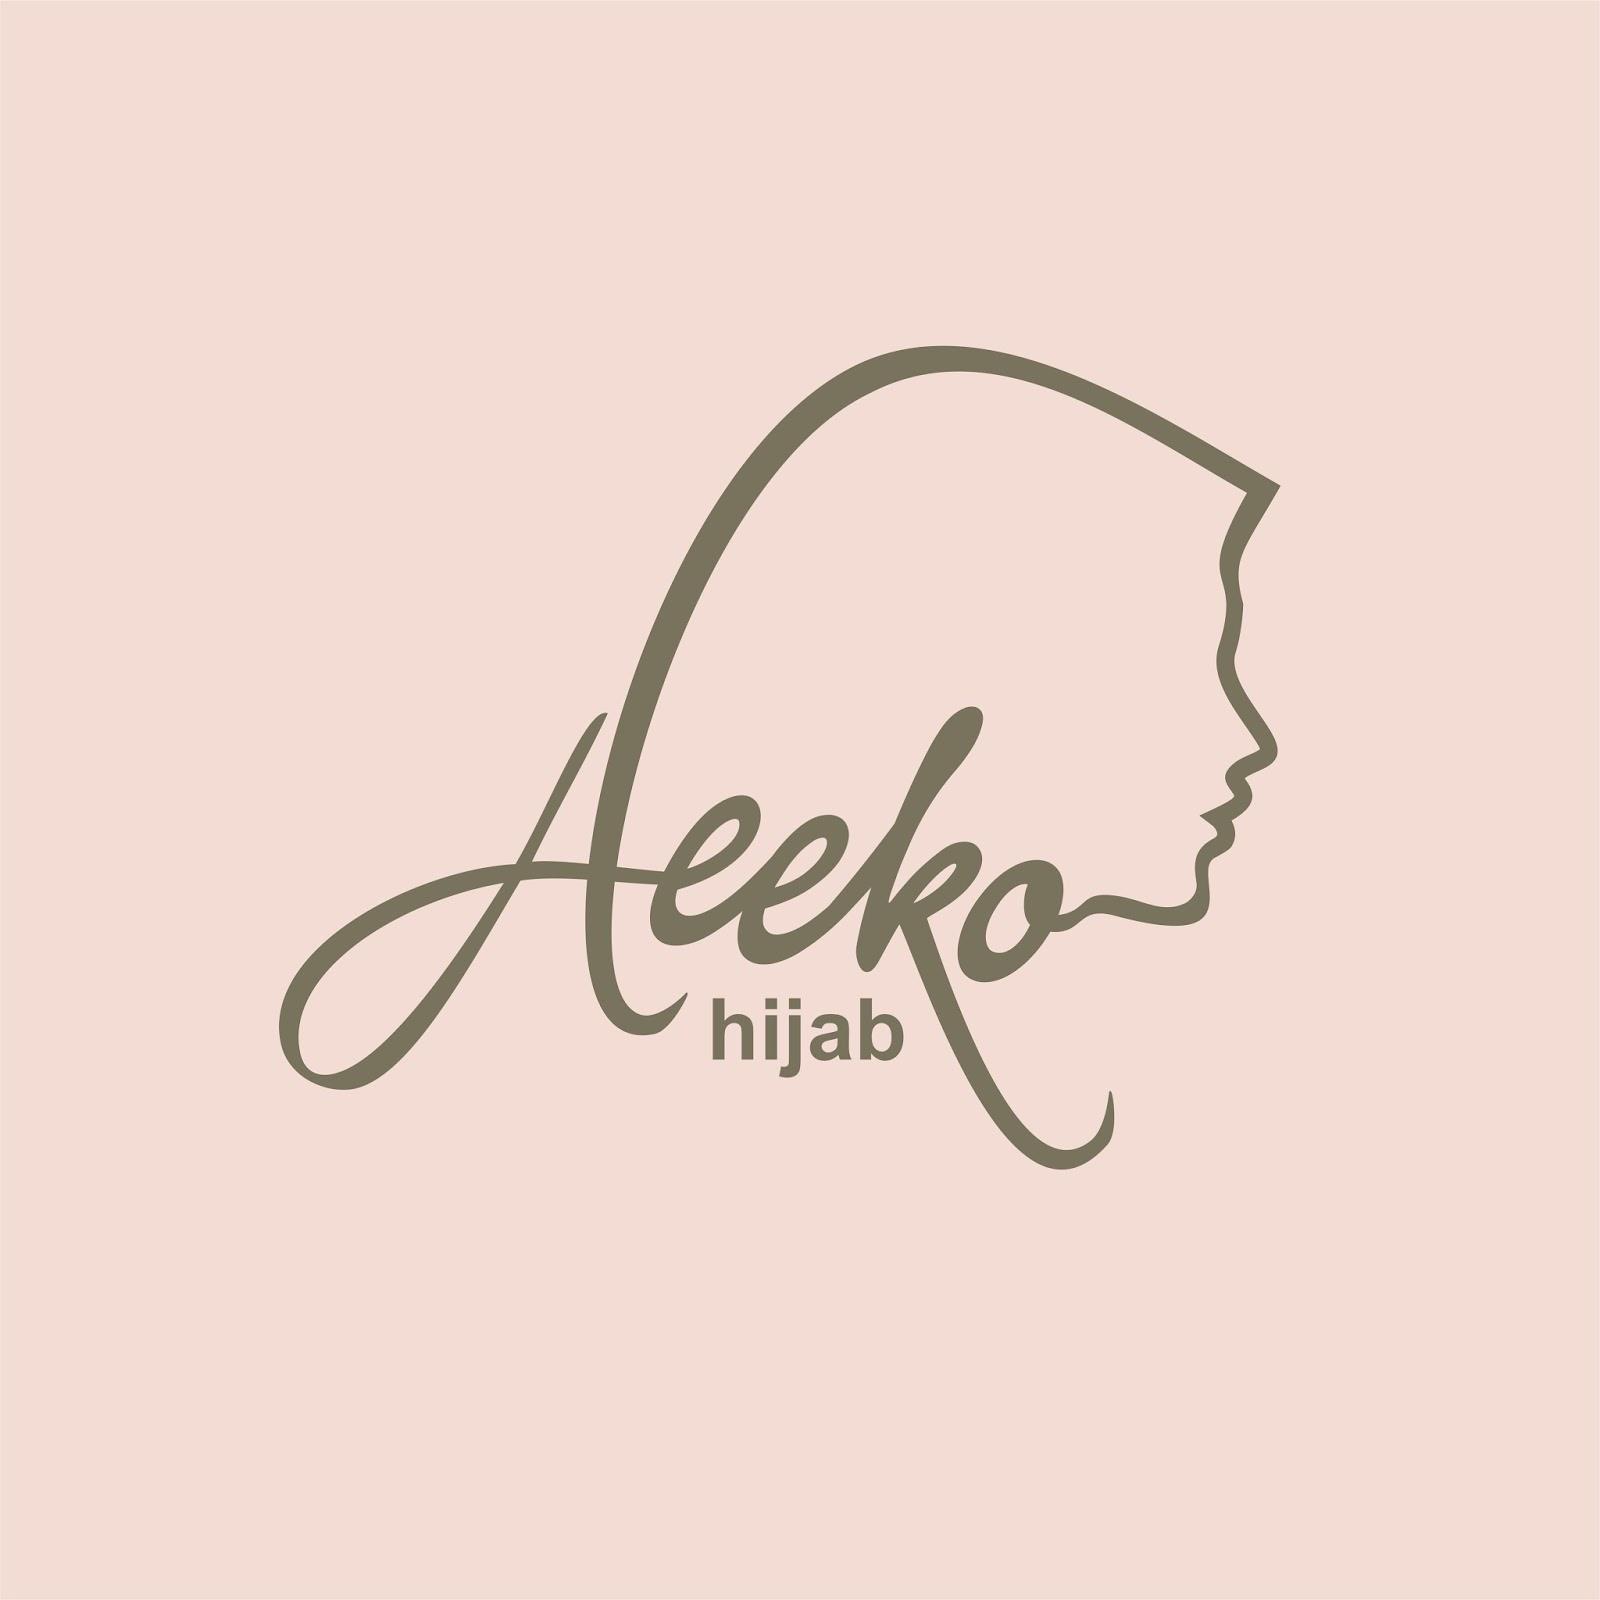 DESAIN LOGO BISNIS HIJAB, AEEKO - Kebun Design: Branding & Graphic